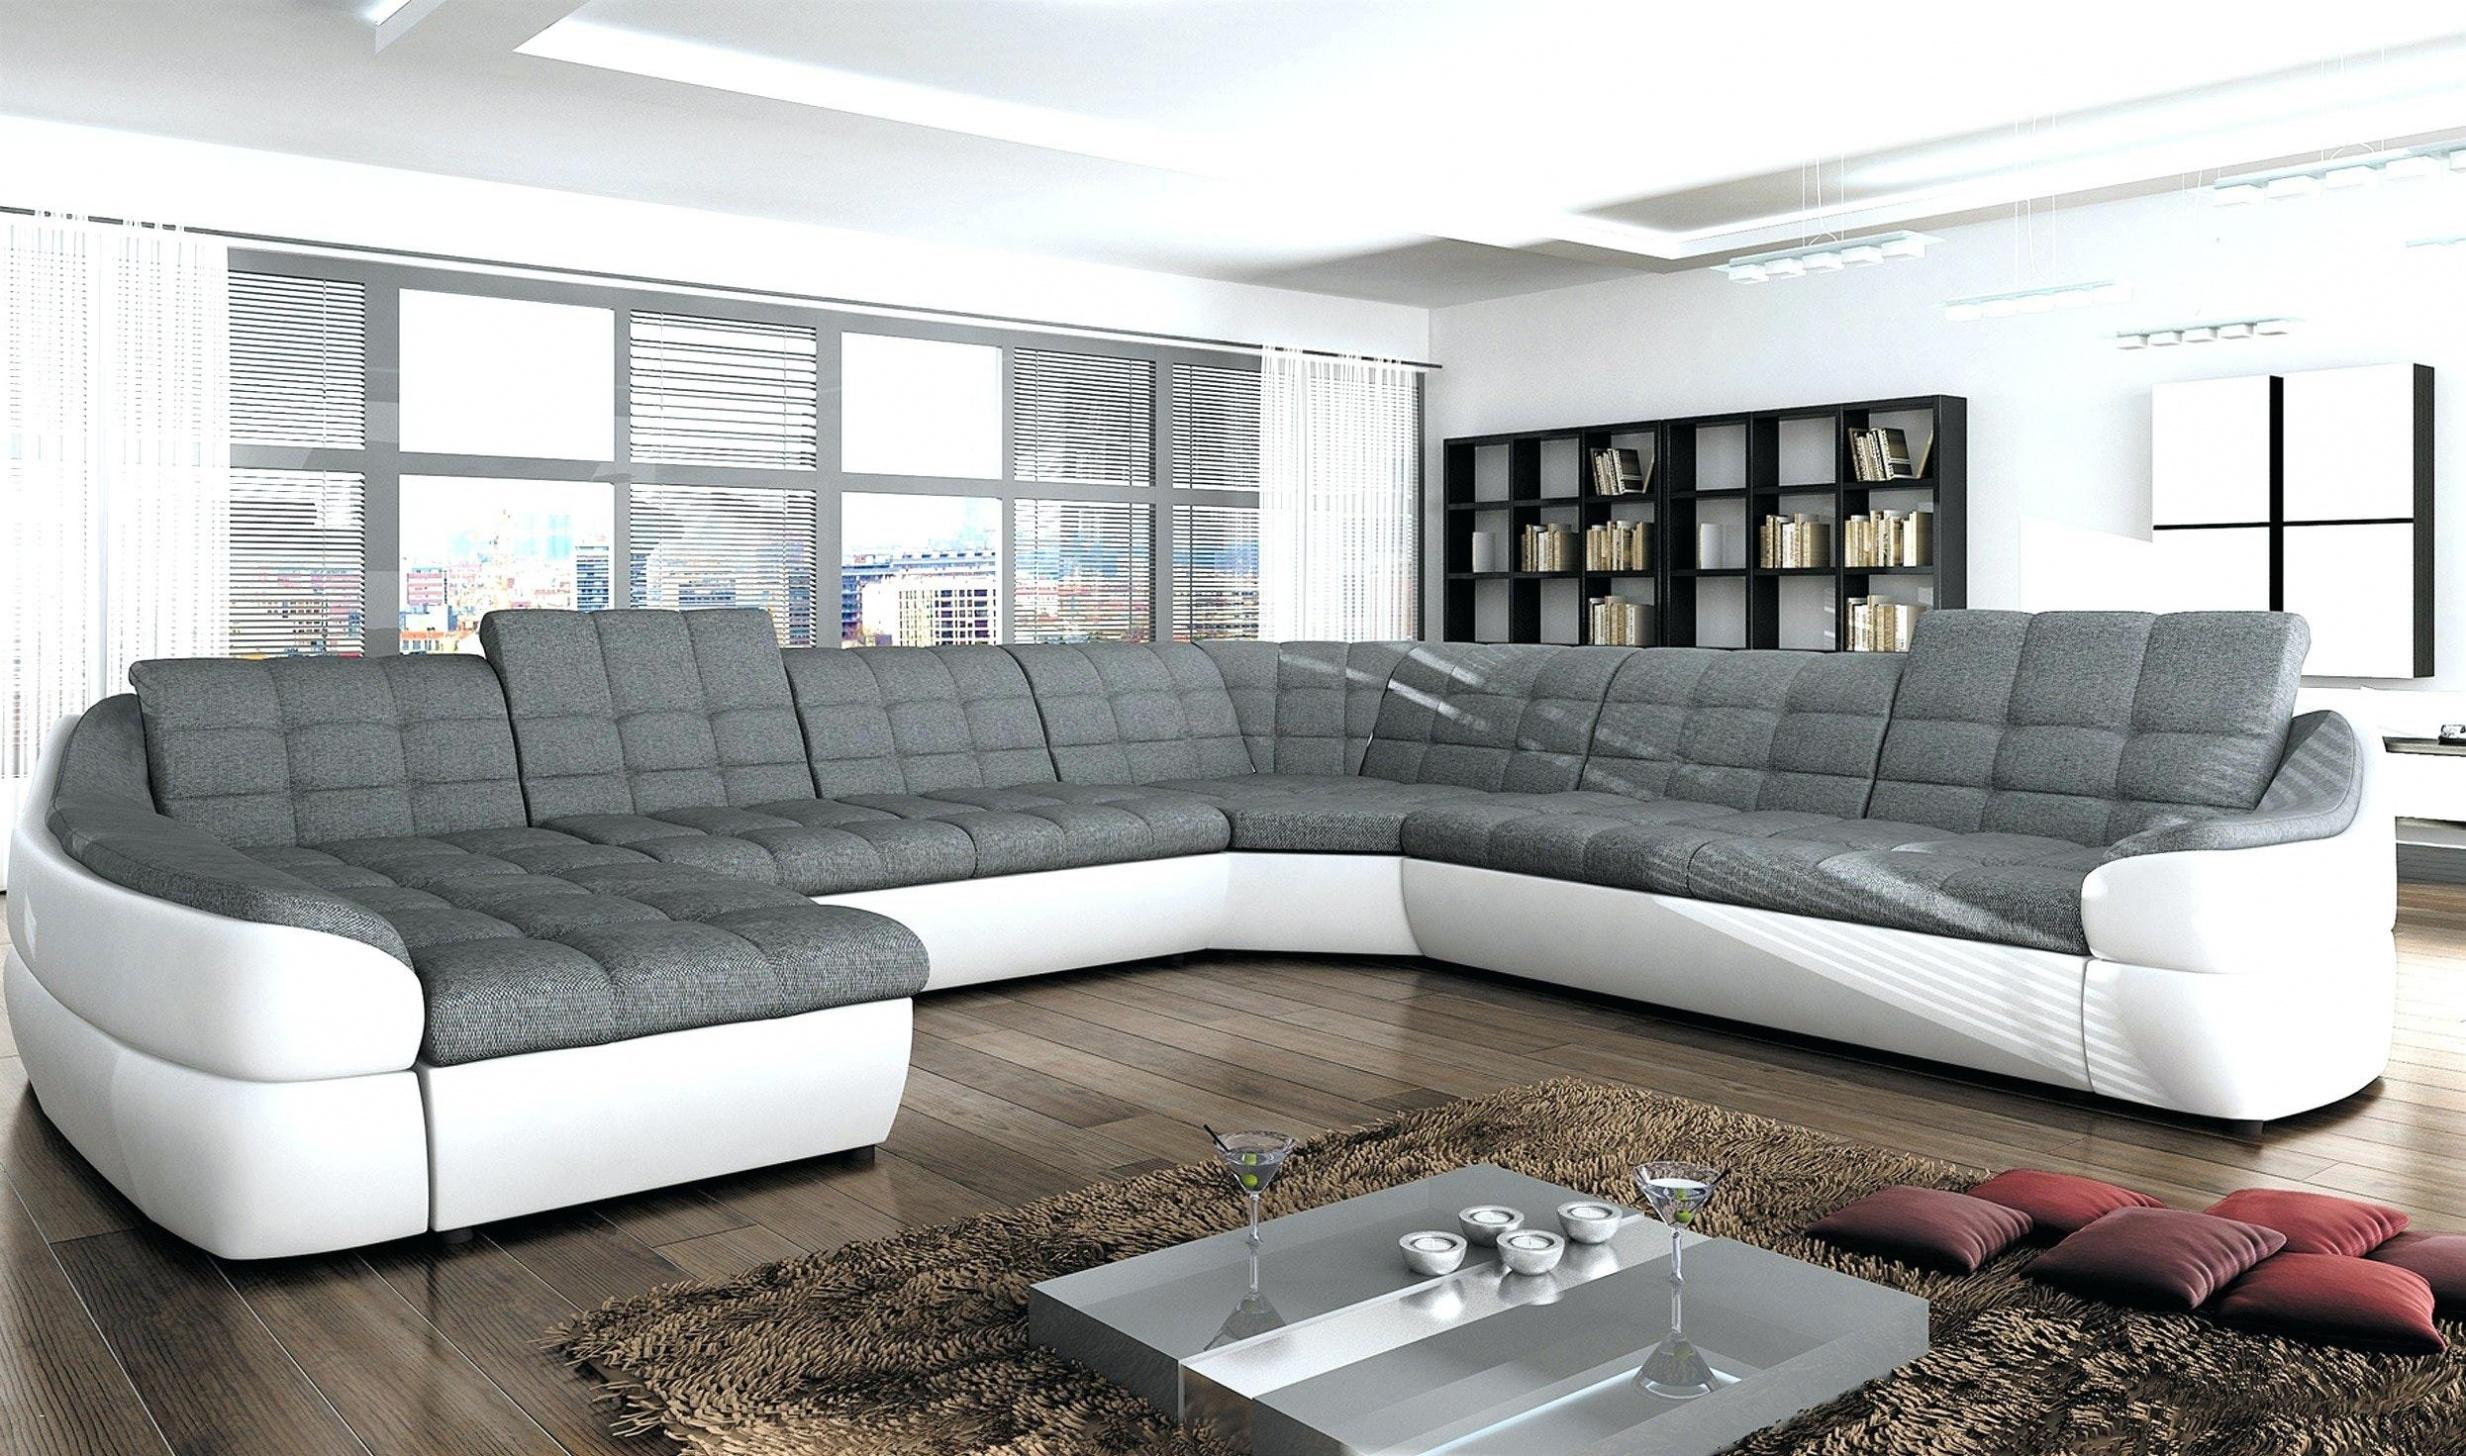 Canapé Jimi La Redoute Meilleur De Stock Maha S Couch 7 Places Home Mahagranda